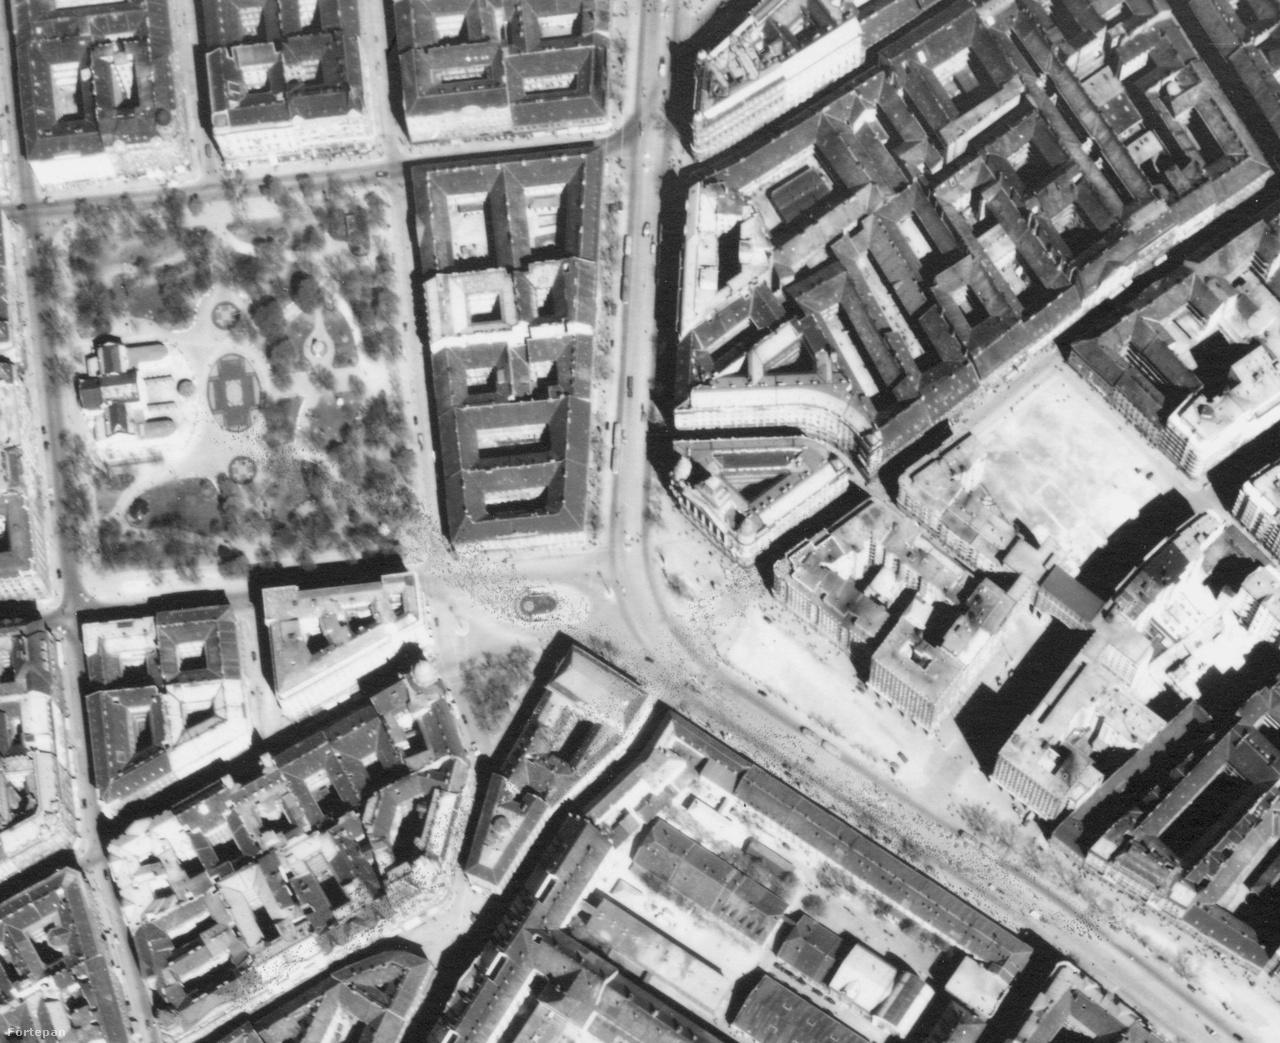 De nem csak az egykori városszéleken változott nagyot Budapest, hanem a kellős közepén is.                         Például a Deák tér környékén. Nem csak arról van szó, hogy lecserélődött rengeteg ház, de egy                         egész háztömb tűnt el nyomtalanul. A helyén sokáig a buszpályaudvar parkolója volt, de                         évtizedeken át nem adták fel, hogy egyszer beépítik. Az ide álmodott Nemzeti Színházból azonban                         csak földalatti rész készült el, ez lett később a Gödör, amit ma Akváriumként ismerünk, fölé pedig                         egy hányattatott sorsú közpark került. A klasszikus értelemben vett Erzsébet téren még áll a                         Nemzeti Szalon épülete (ez a háborúban súlyosan megsérül és a hatvanas években elbontják), a                         Deák téren viszont hiába is keresnénk a metrólejárót. A mai Városháza park helyén úgy tűnhet,                         hogy maga városháza áll, de ez csak látszat a magasból. Azokat a toldott épületrészeket épp                         elbontani készültek, hogy a helyükre gigantikus felhőkarcolót emeljen a főváros (még ha nem is                         olyan elegánsat, mint amit évtizedekkel később terveztek oda). Igazi kuriózum viszont az az üres                         placc, ami a mai bulinegyedben virít. A rendkívül zsúfolt, egészségtelen városrész szerkezetét                         akkoriban tervezték fellazítani a Madách sugárúttal, de a nagyra törő tervekből nem lett semmi.